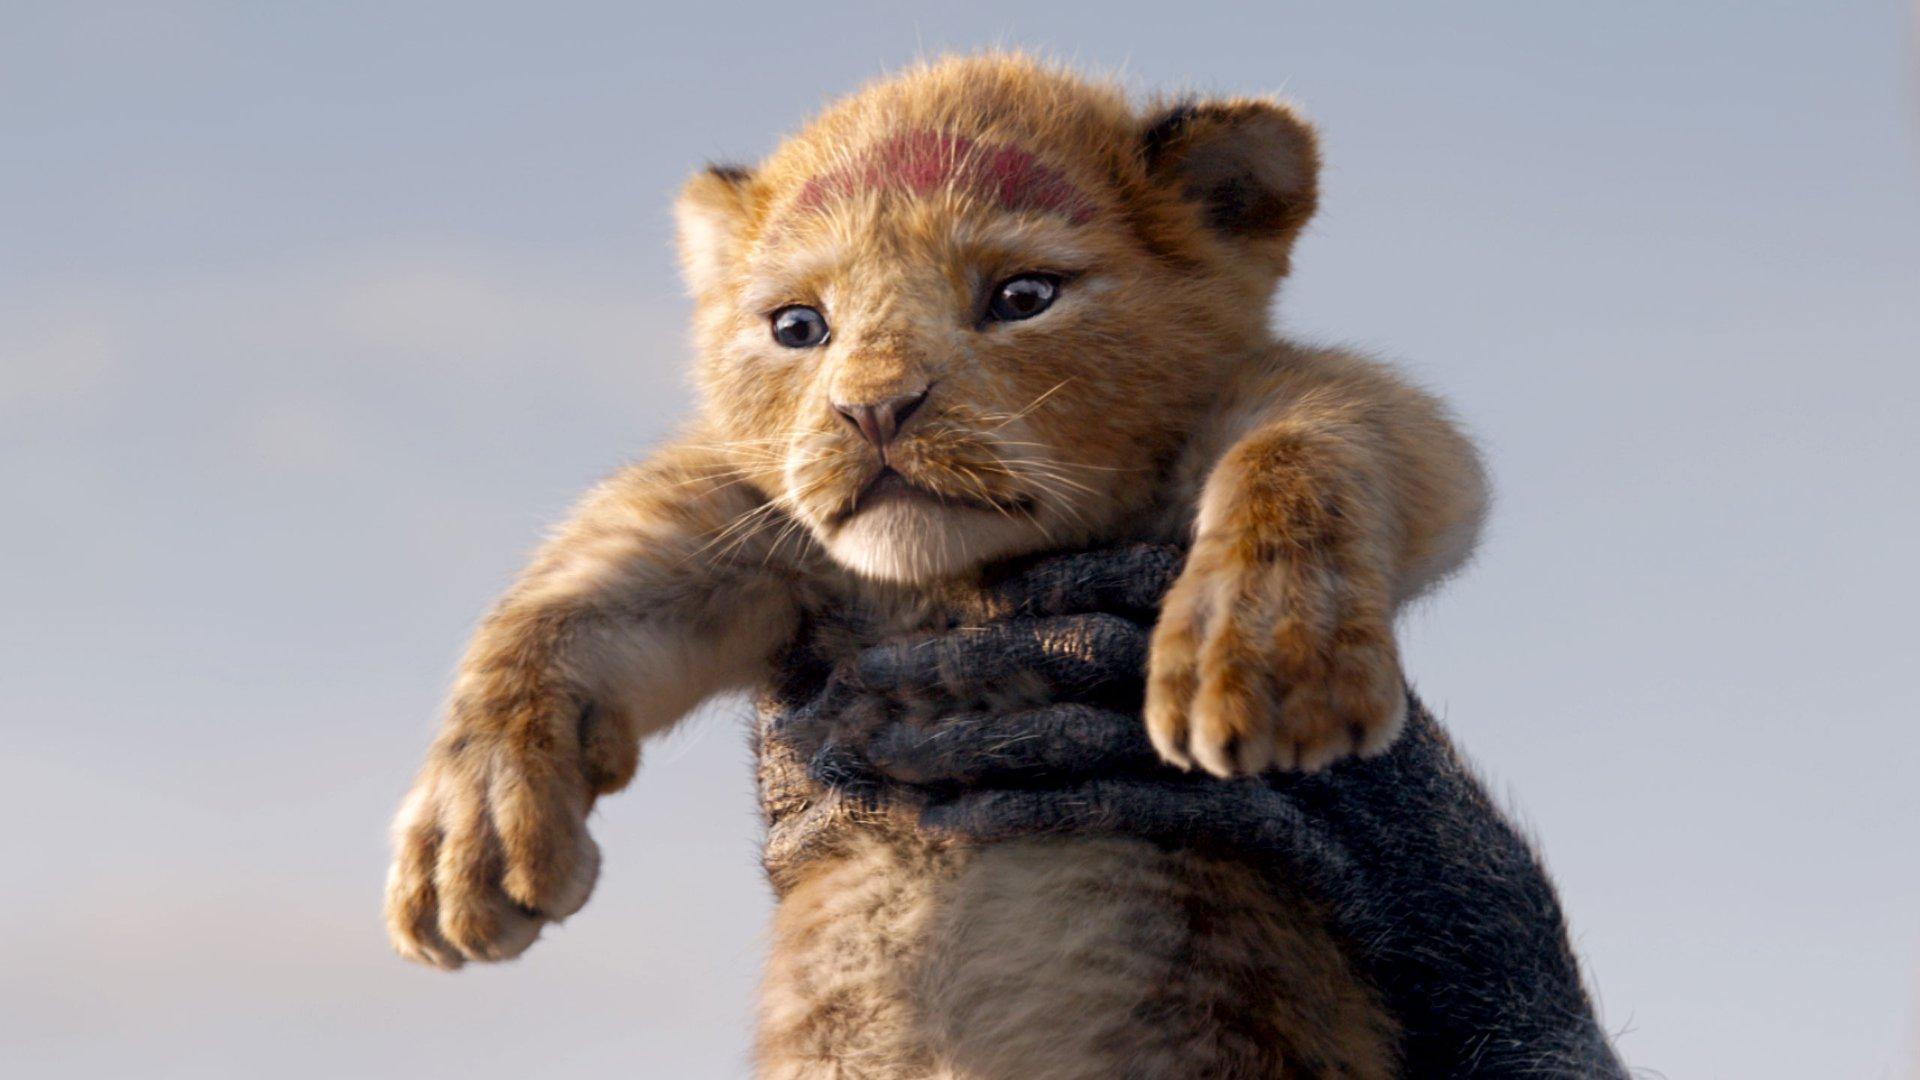 el rey león secuela Barry Jenkins